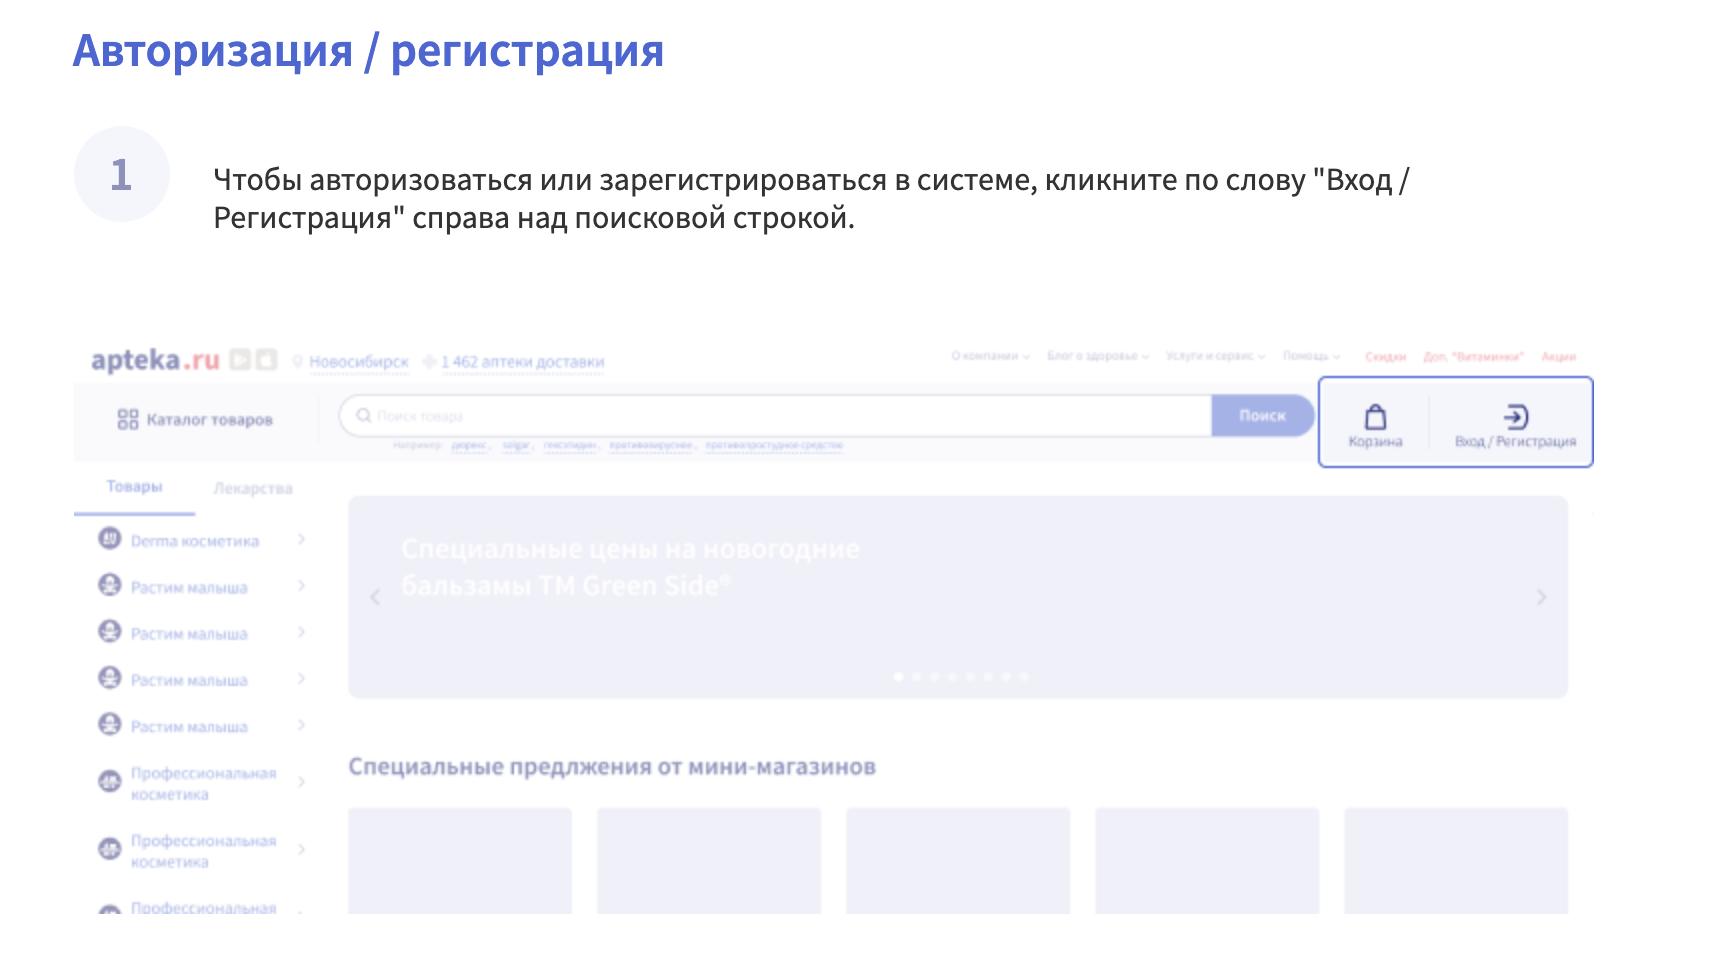 аптека ру регистрация